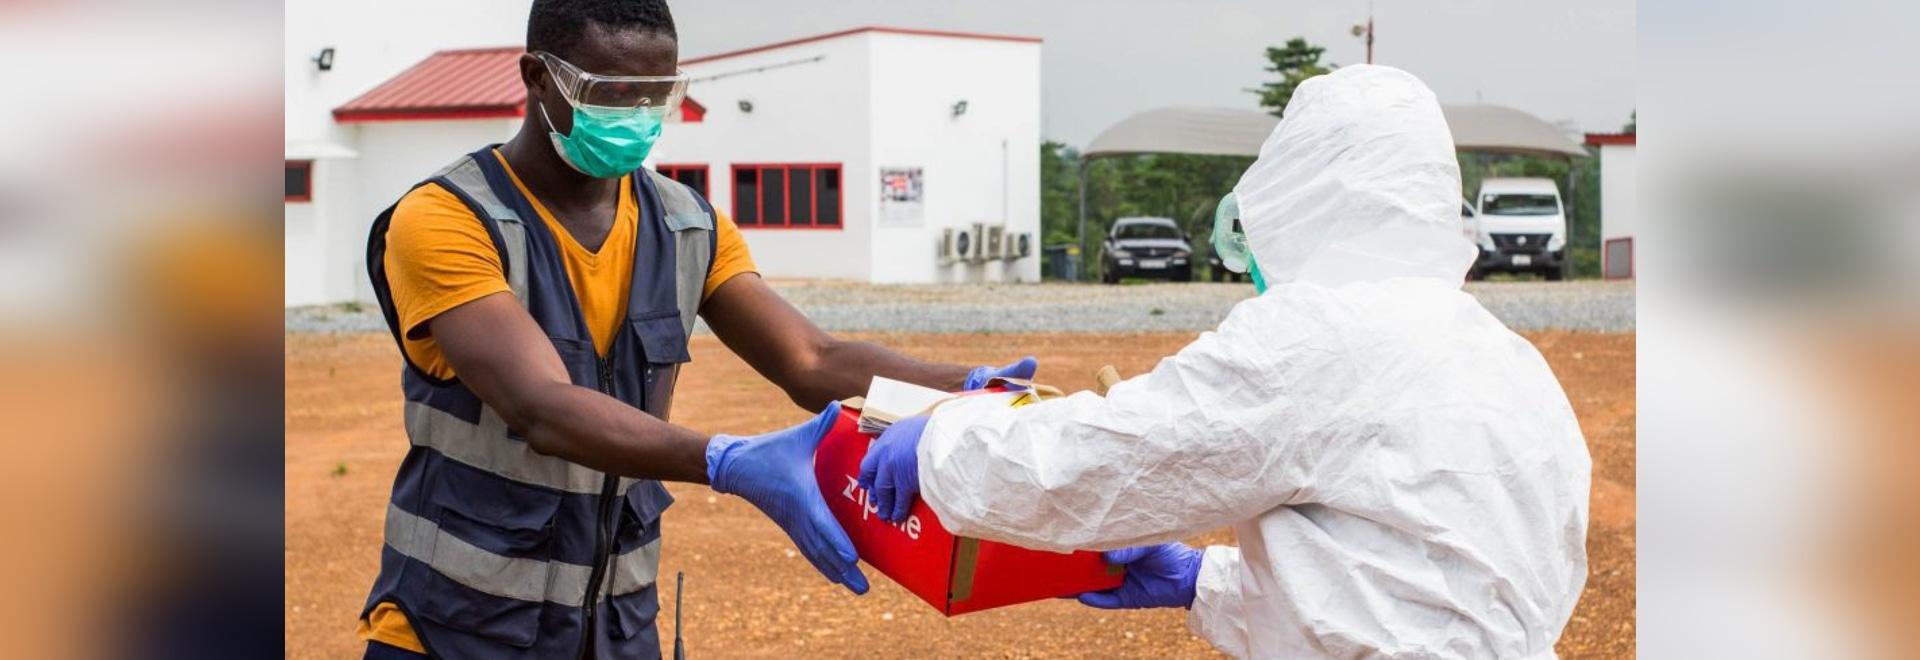 Zipline sta consegnando i campioni di prova COVID-19 in Ghana.